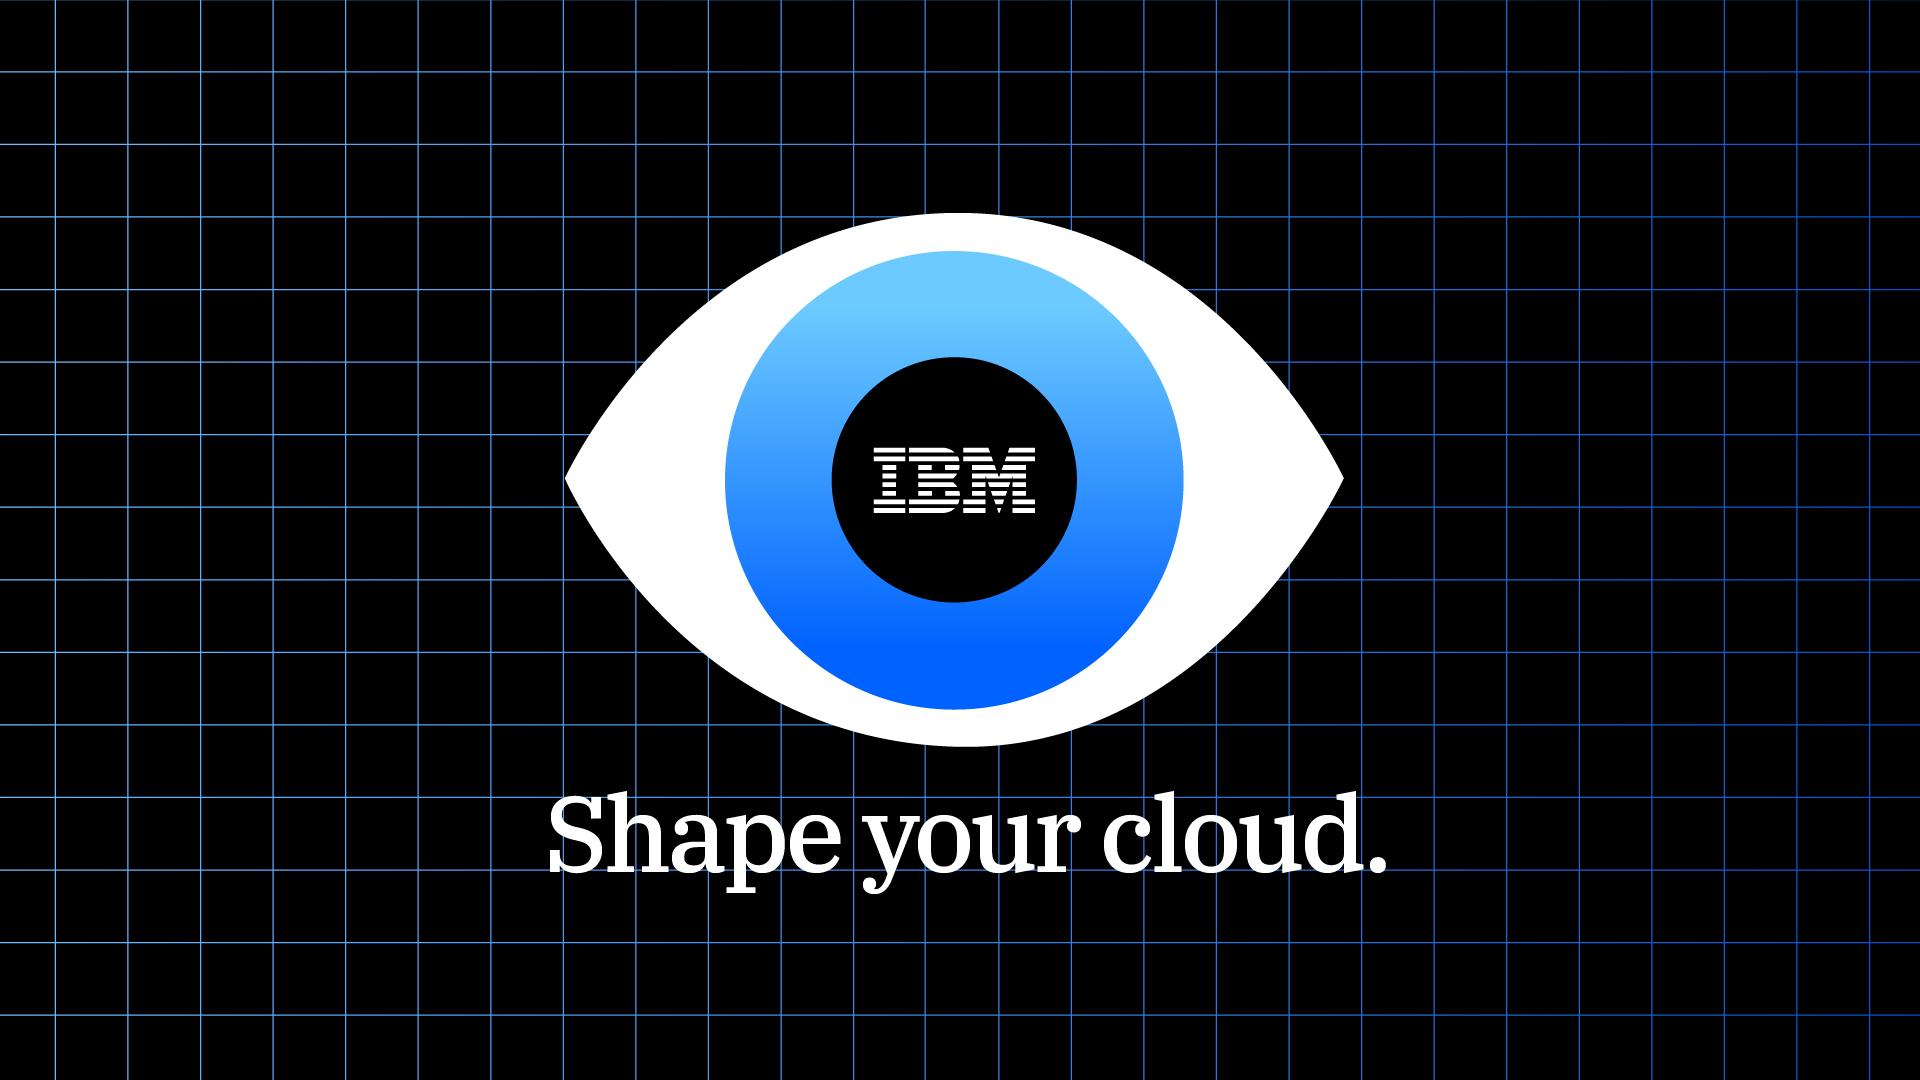 IBM_SHAPE-YOUR-CLOUD_DC_EDITS_BH_IBM-33.jpg